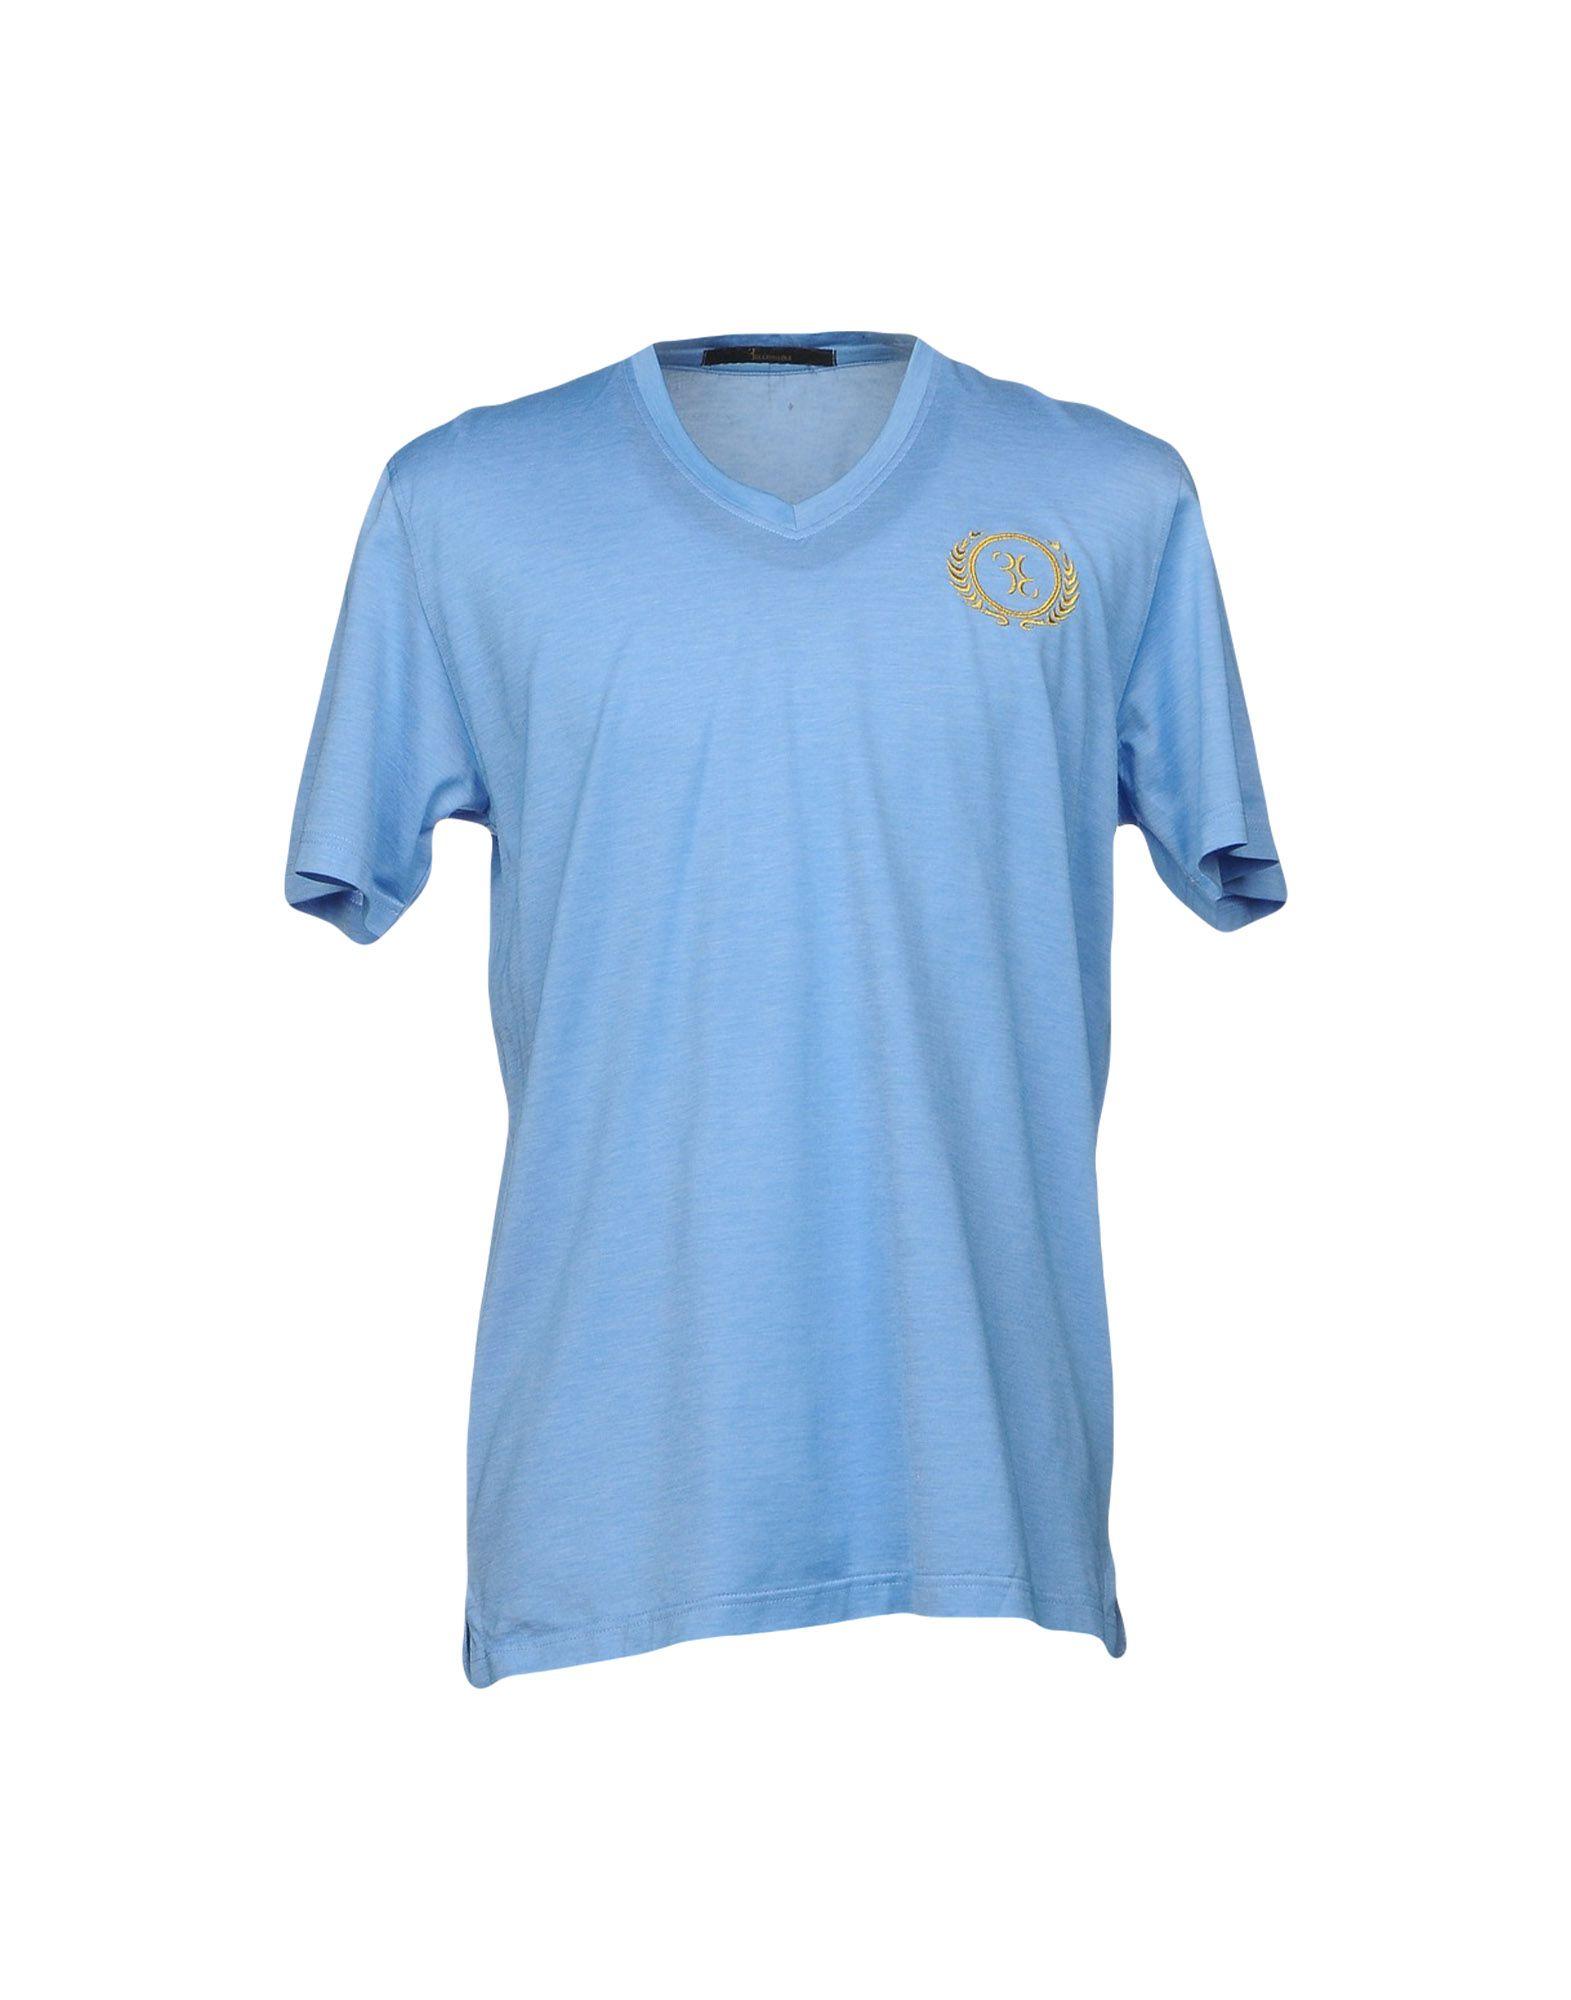 A buon - mercato A buon mercato T-Shirt Borsautta Uomo - buon 12078030VI c16845